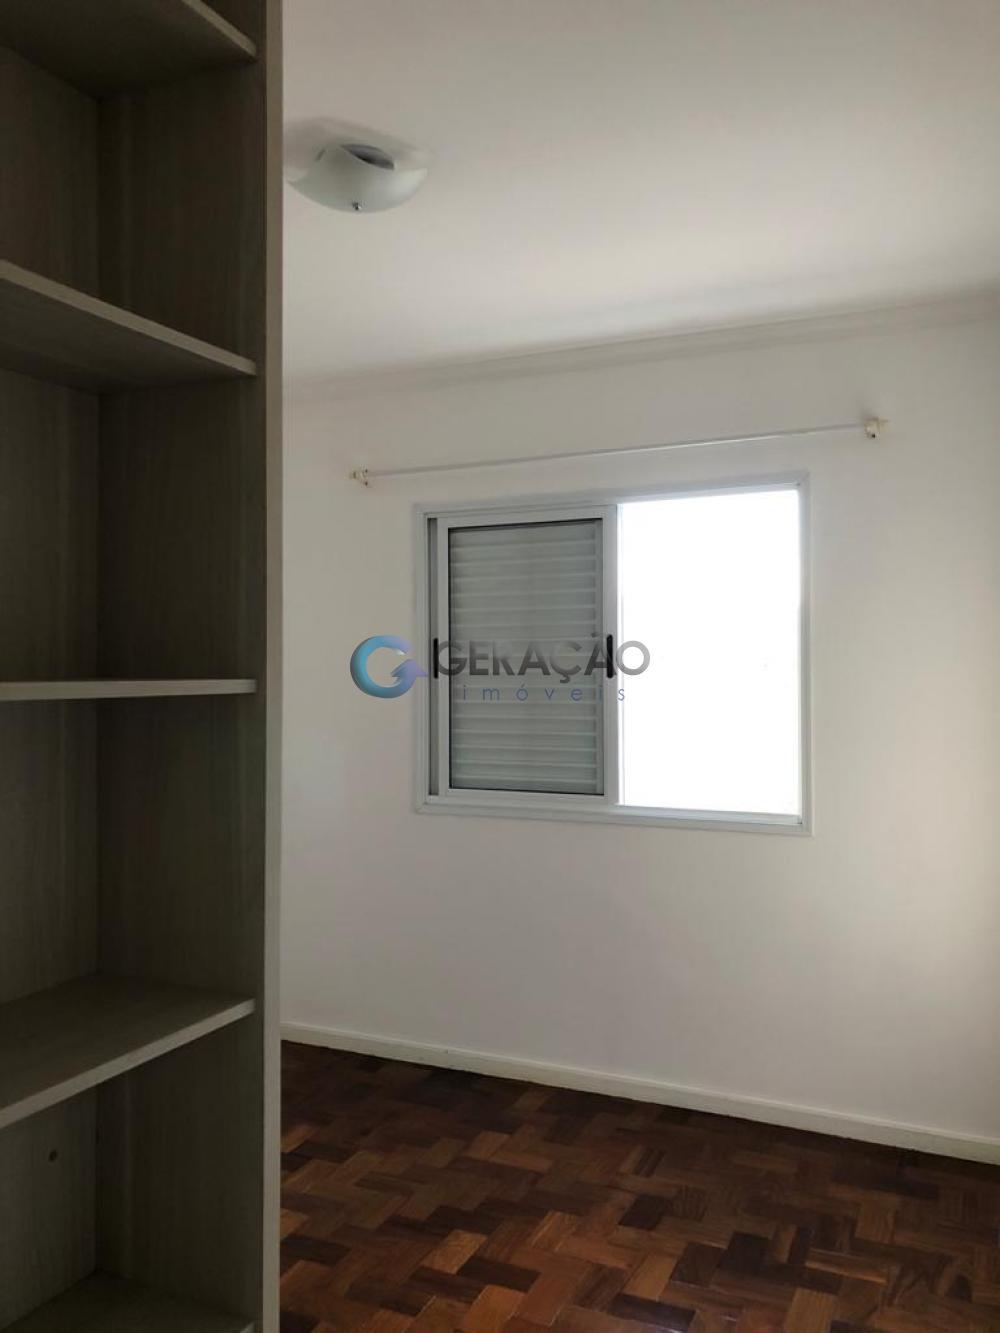 Comprar Apartamento / Padrão em São José dos Campos R$ 480.000,00 - Foto 9